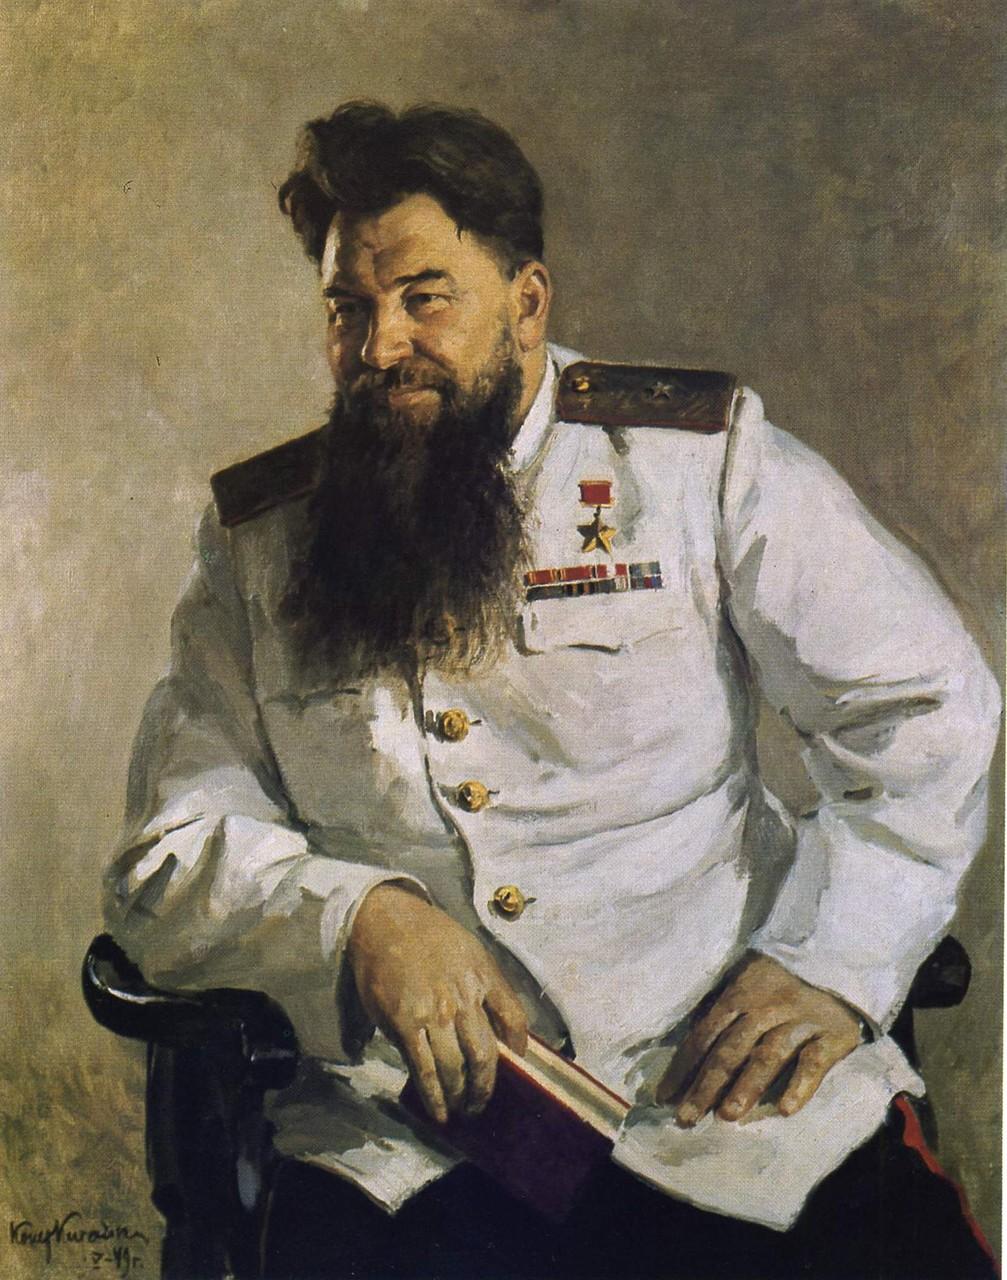 Герой Советского Союза Вершигора Пётр Петрович